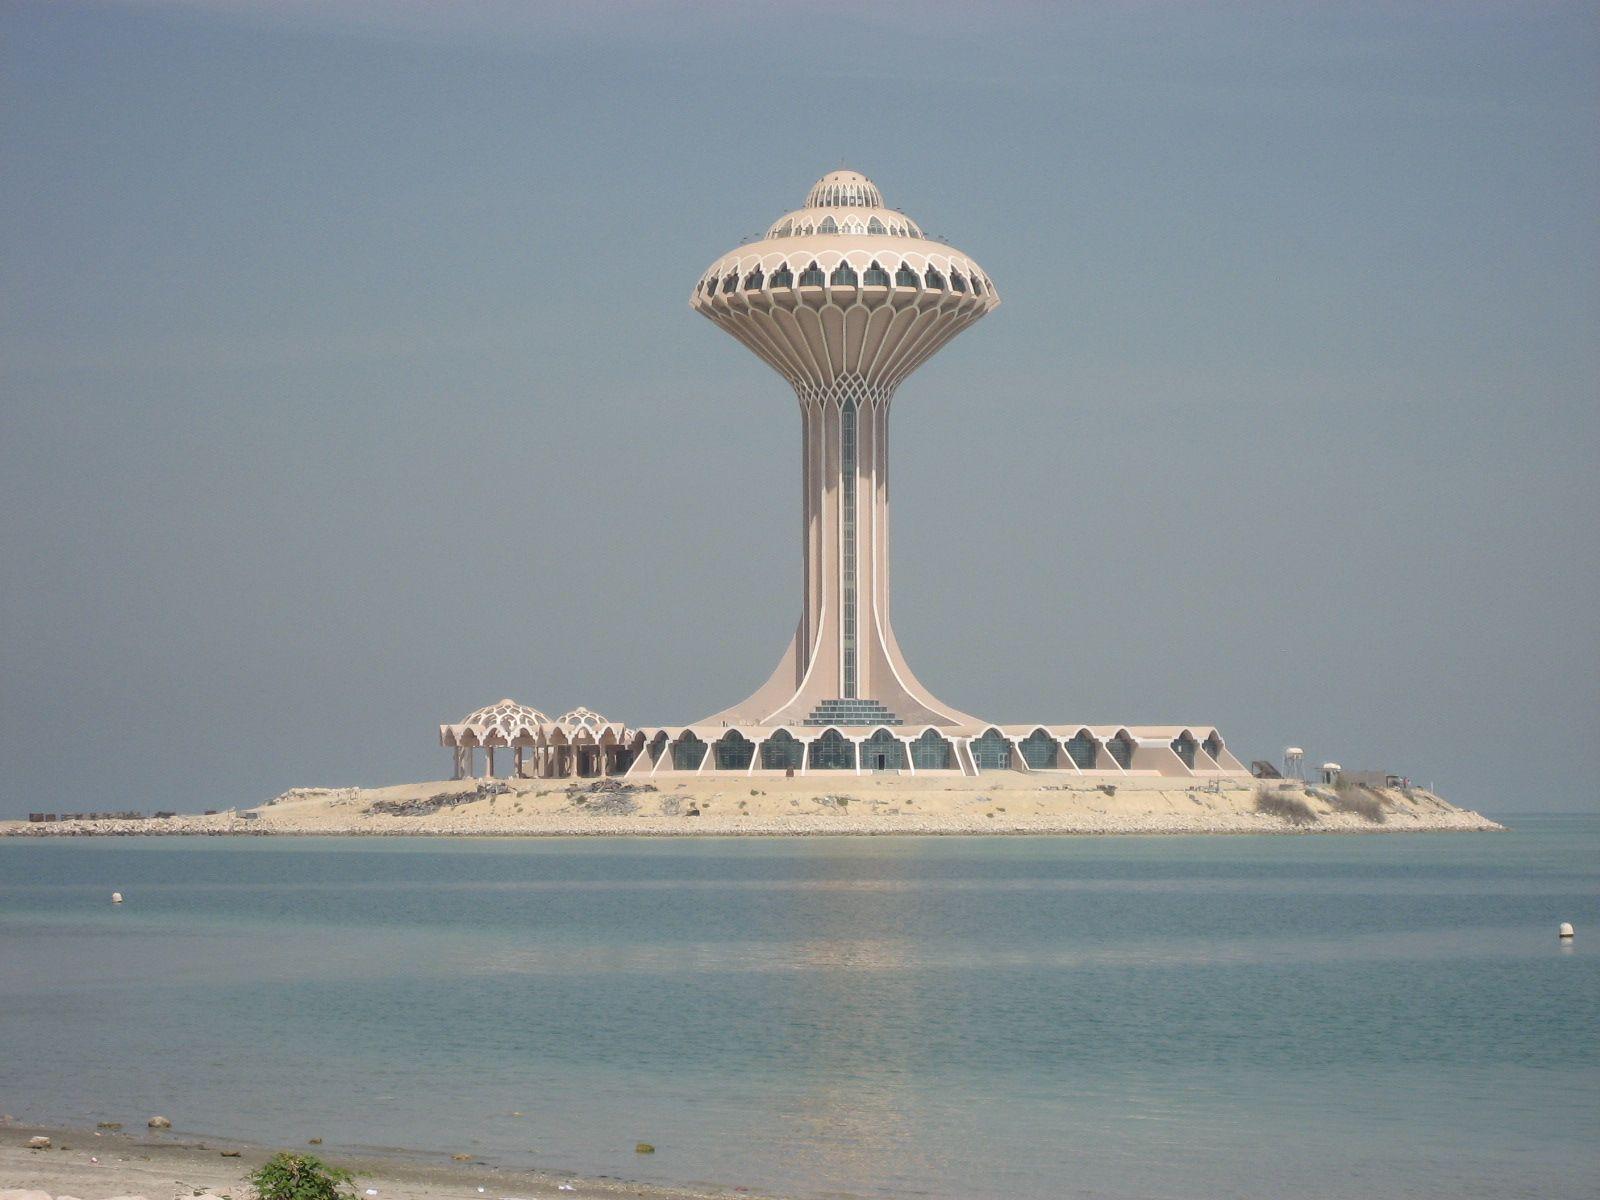 Dammam Ksa Water Tower Dammam Saudi Arabia Culture